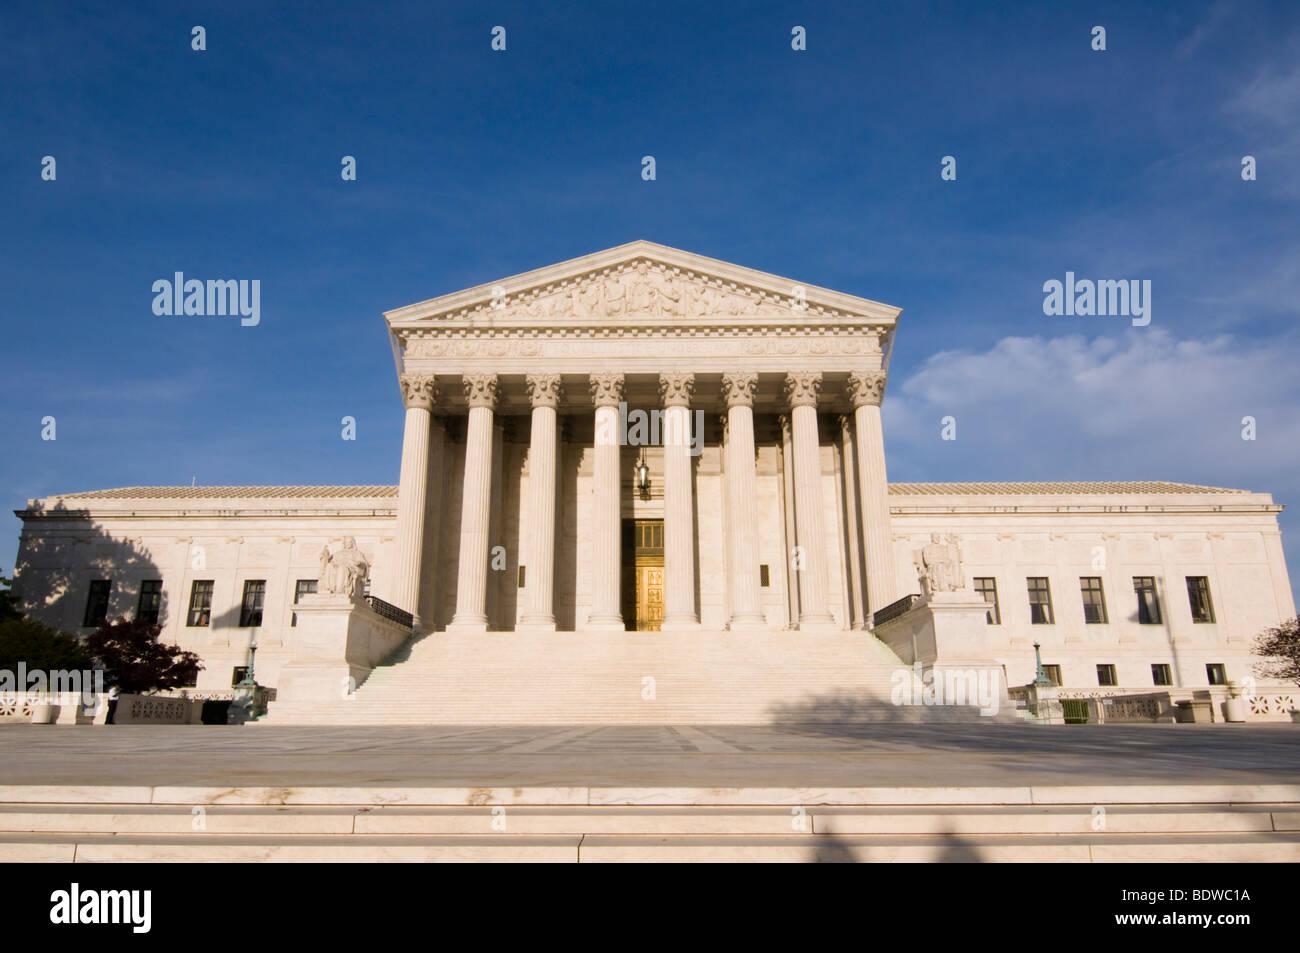 Los pasos de la Corte Suprema de los Estados Unidos edificio bañado en la luz del sol por la tarde. Imagen De Stock